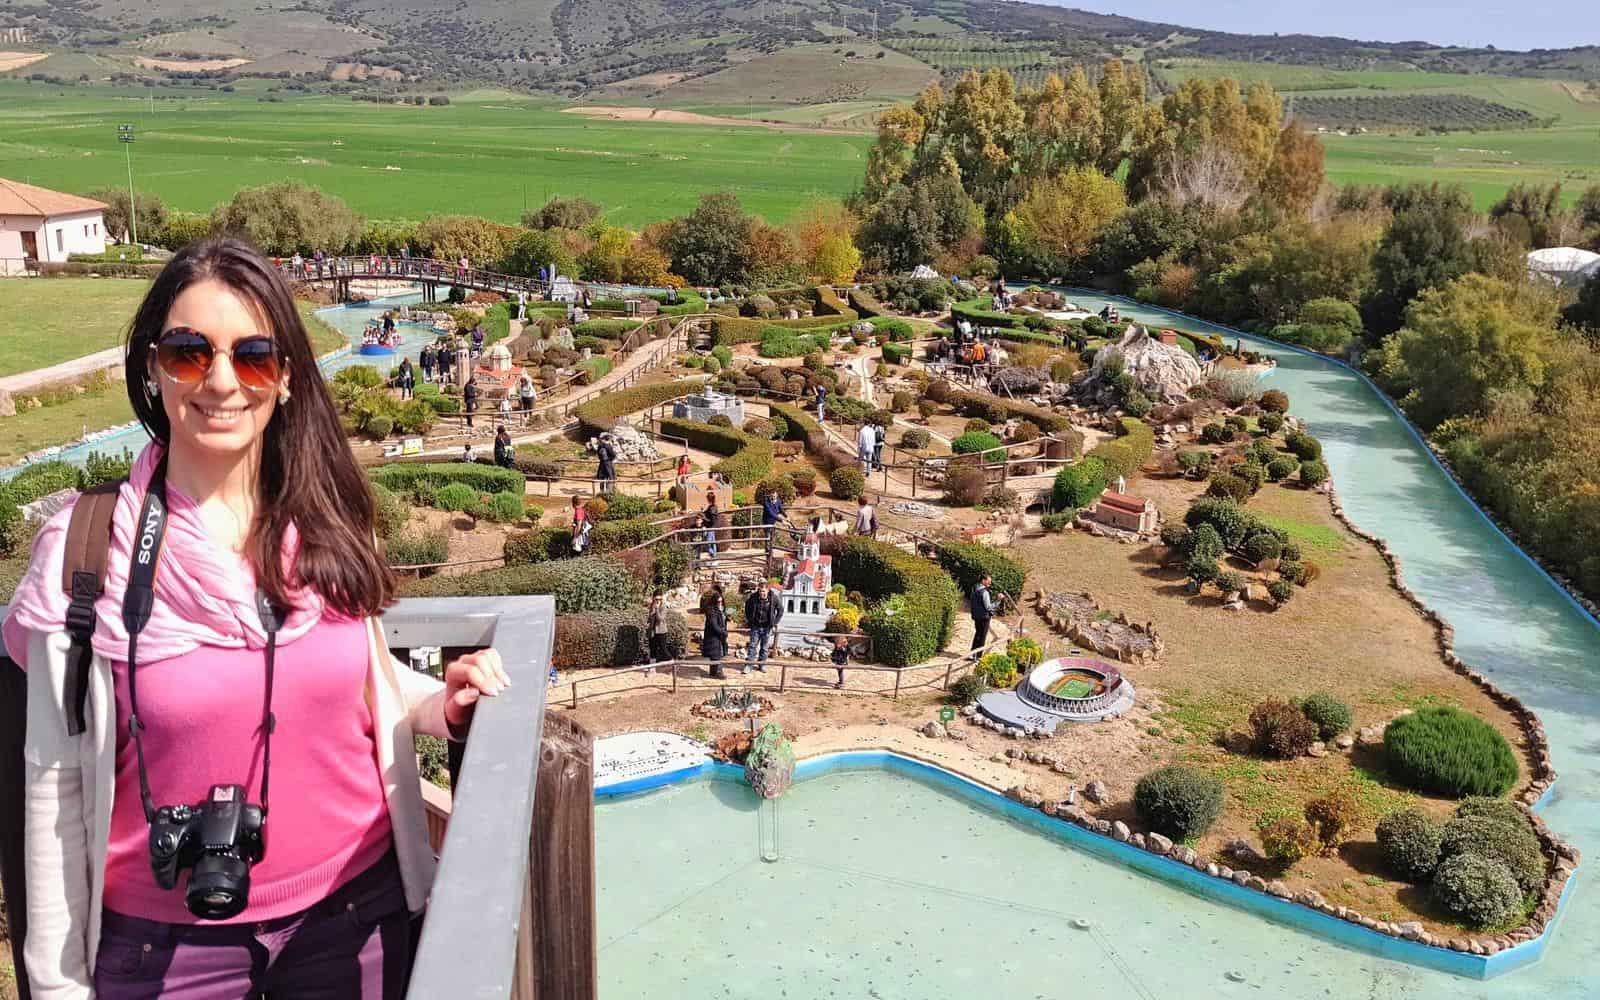 Parco Sardegna in miniatura: da nord a sud dell'isola in una passeggiata